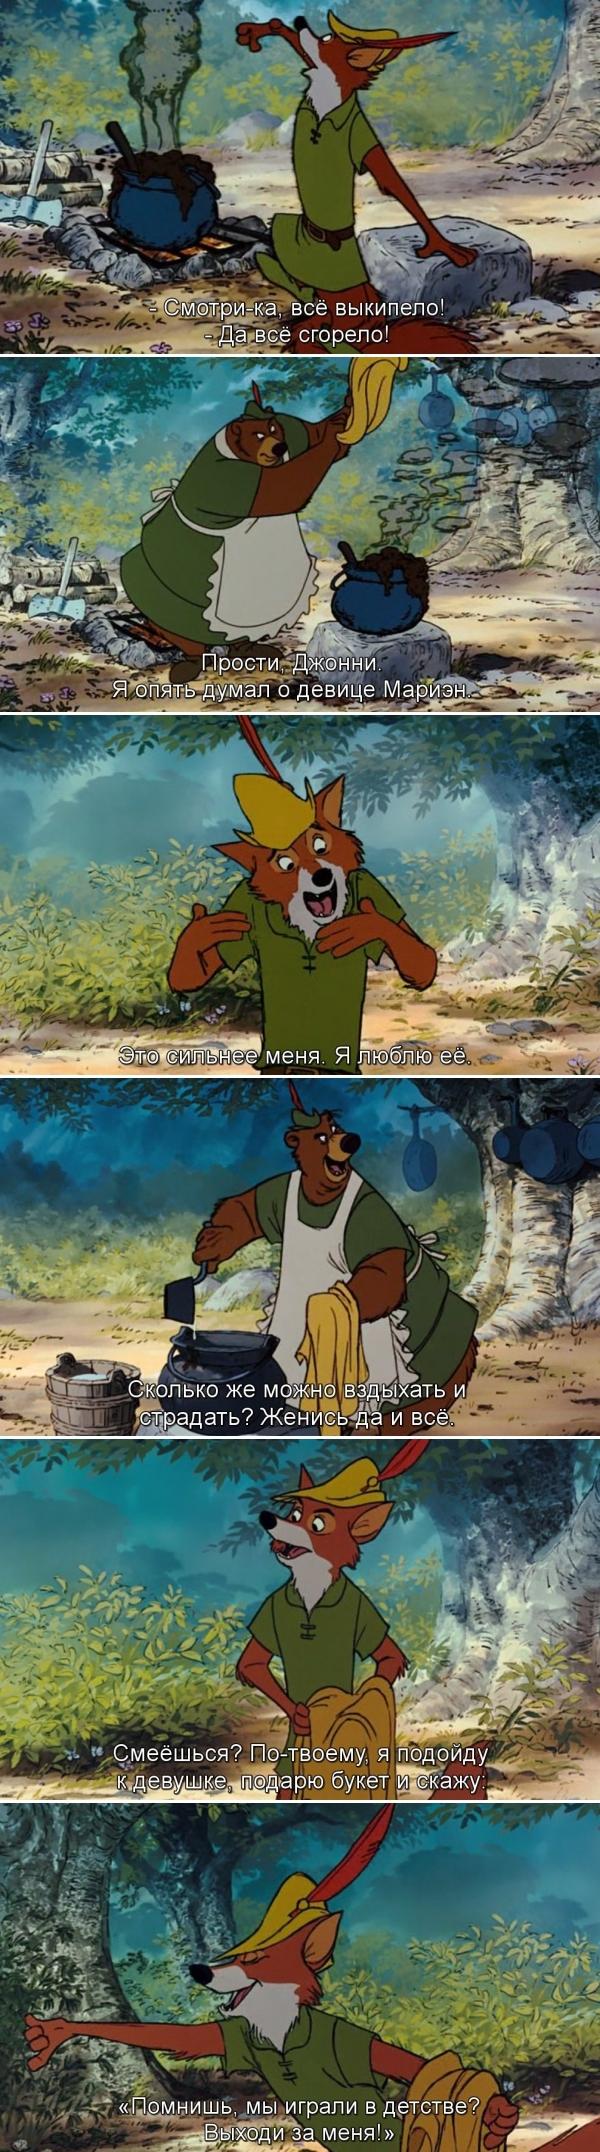 Робин Гуд (1973) Робин гуд, 1973, Walt Disney Company, Лиса, Раскадровка, Отношения, Длиннопост